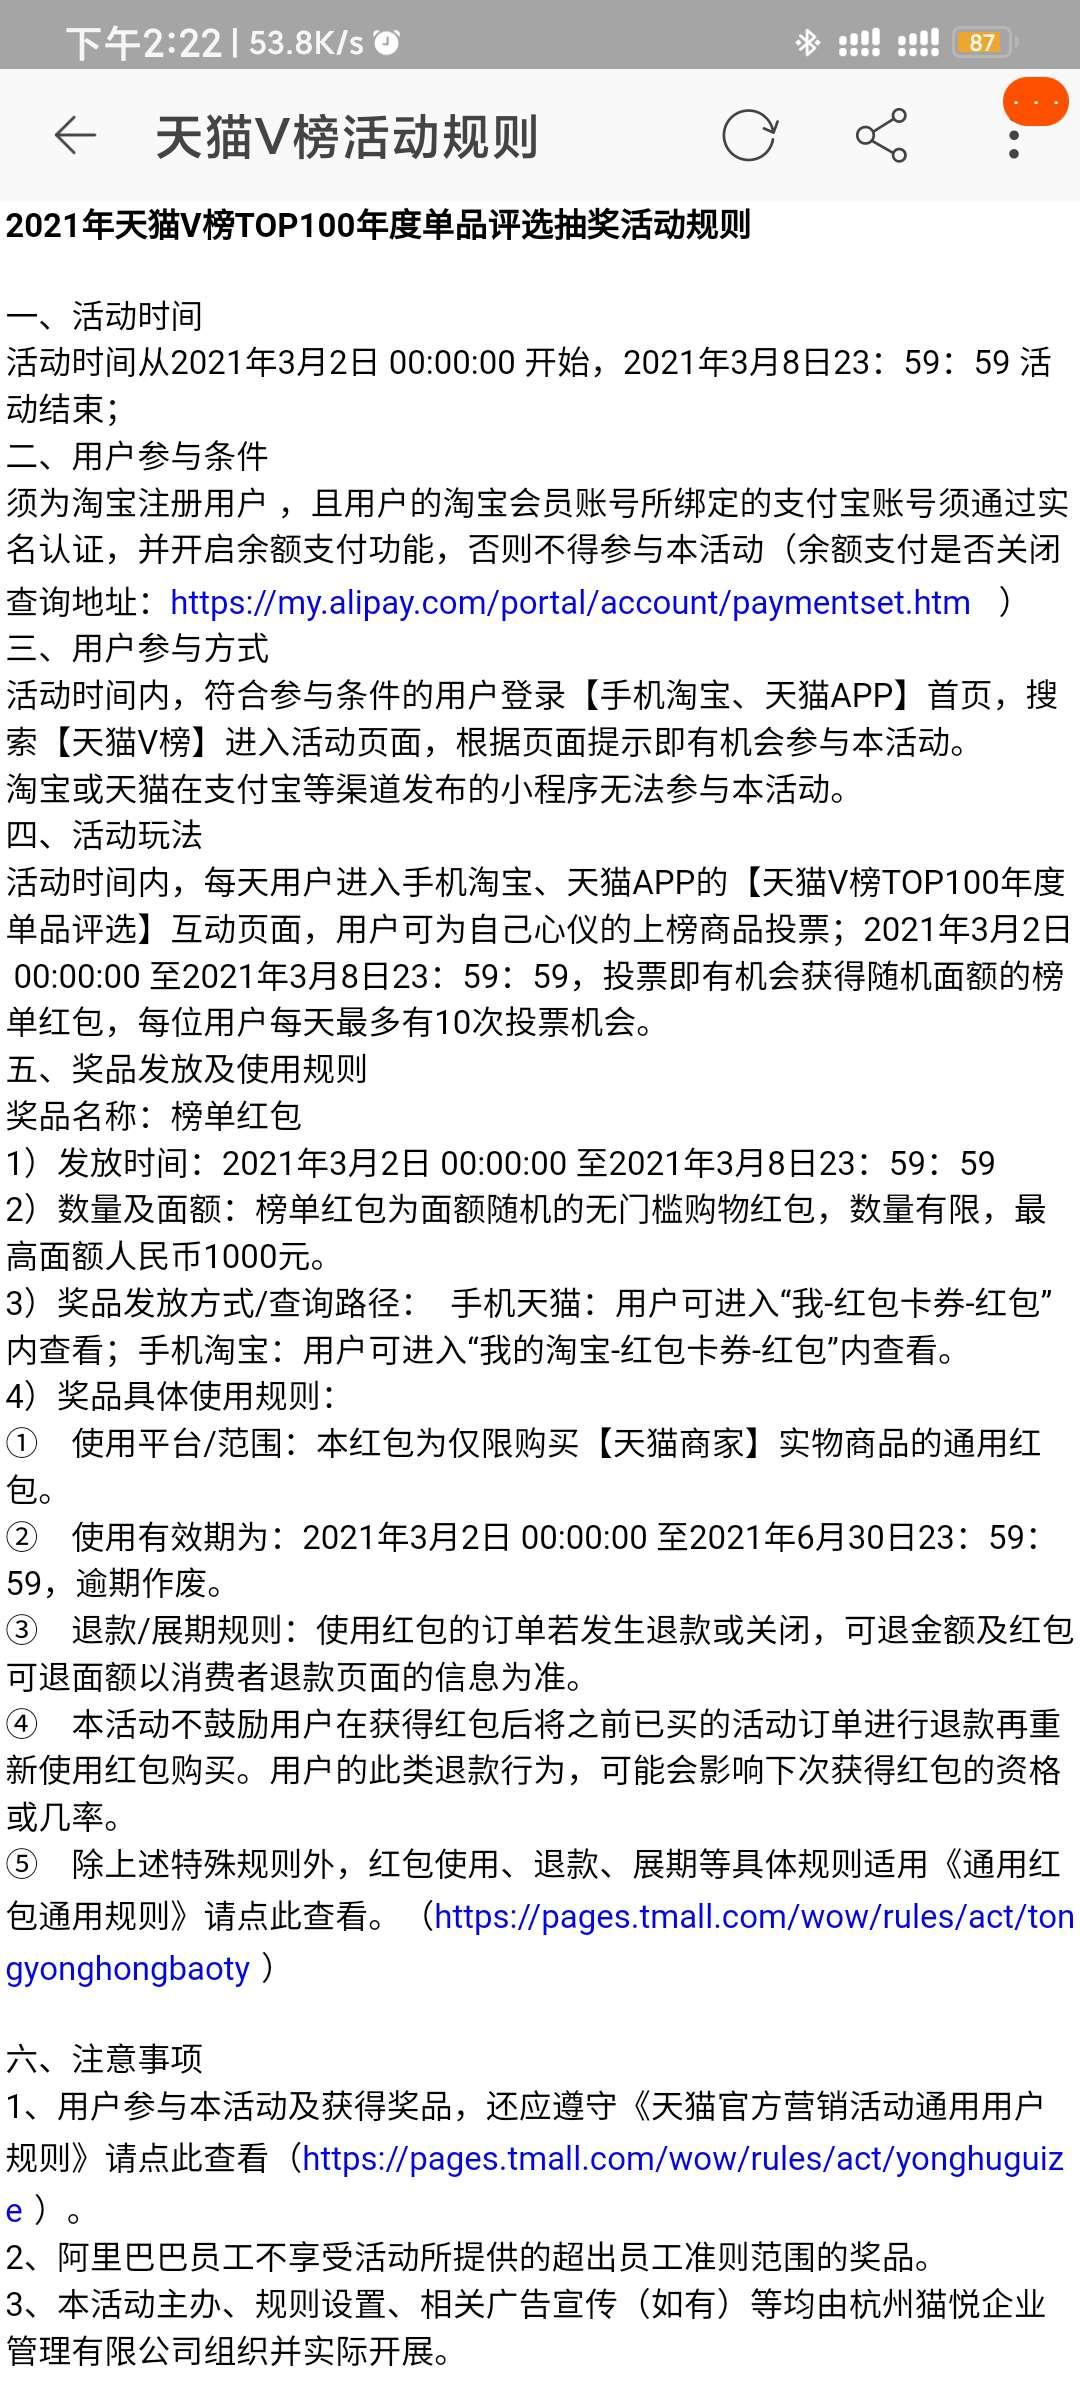 淘宝app领天猫V榜无门槛通用红包插图3